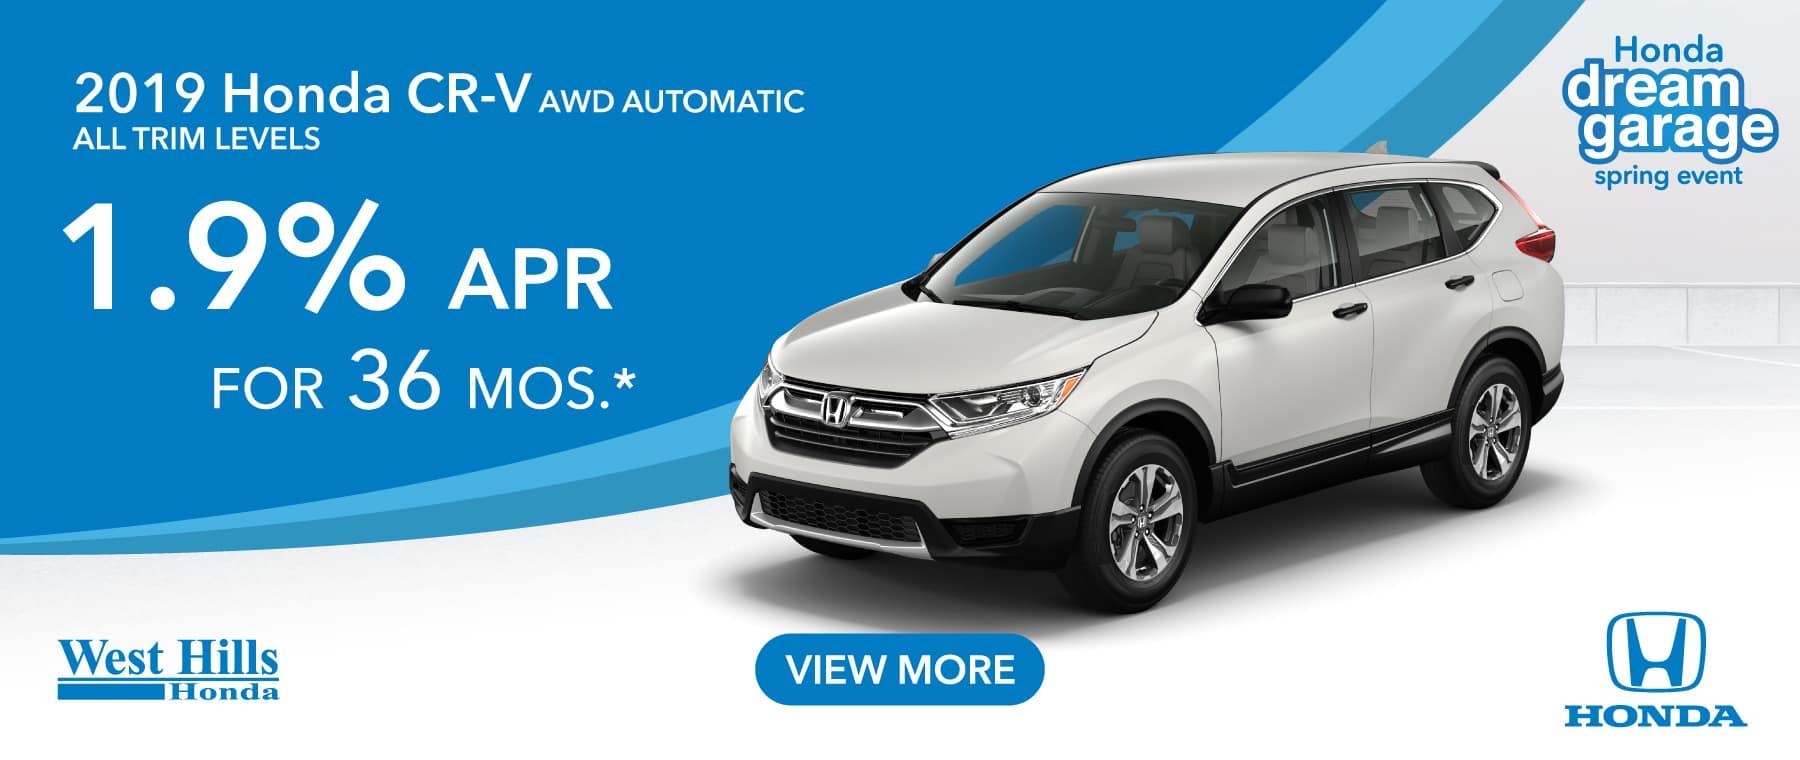 2019 Honda CR-V AWD Automatic All Trims 1.9% for 36 mos. *